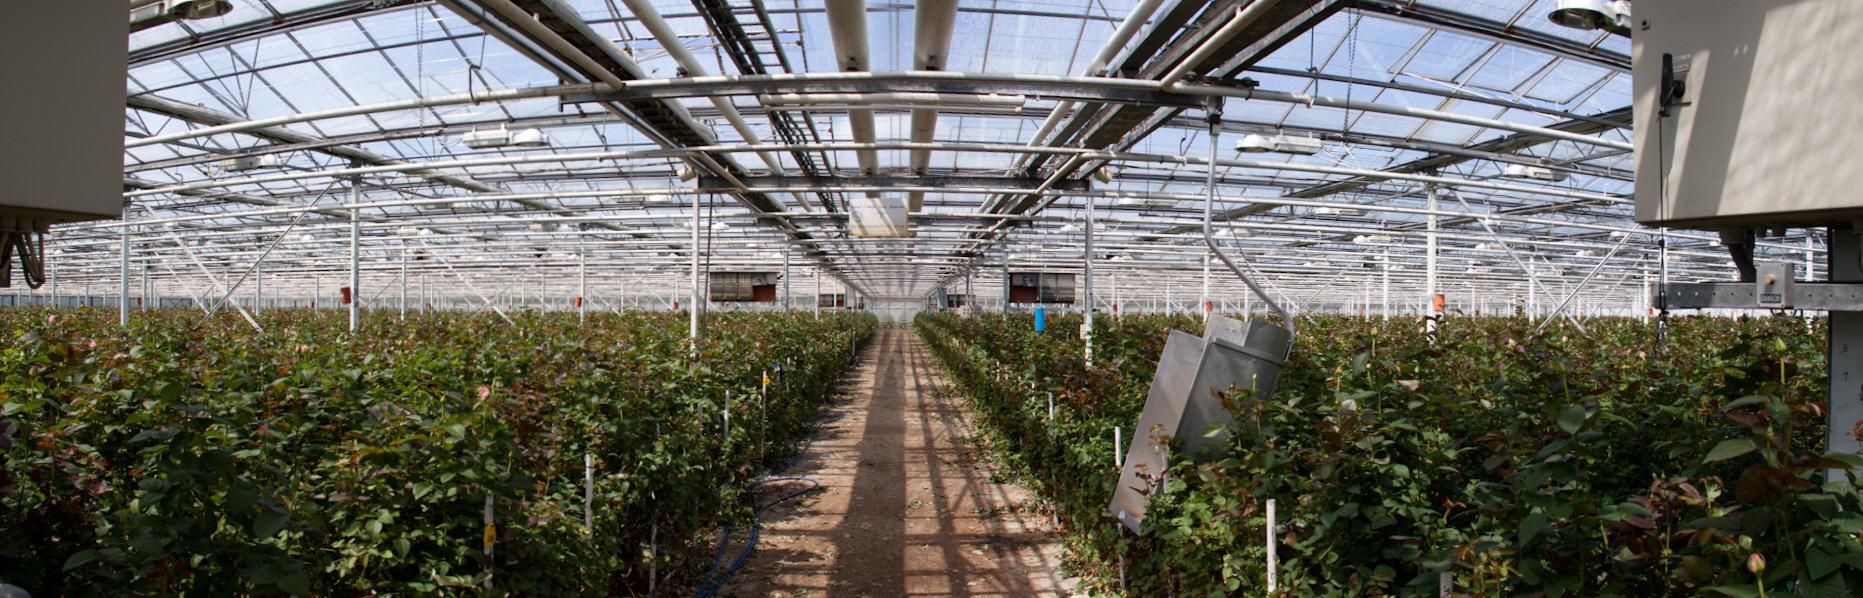 Onze rozenkwekerij